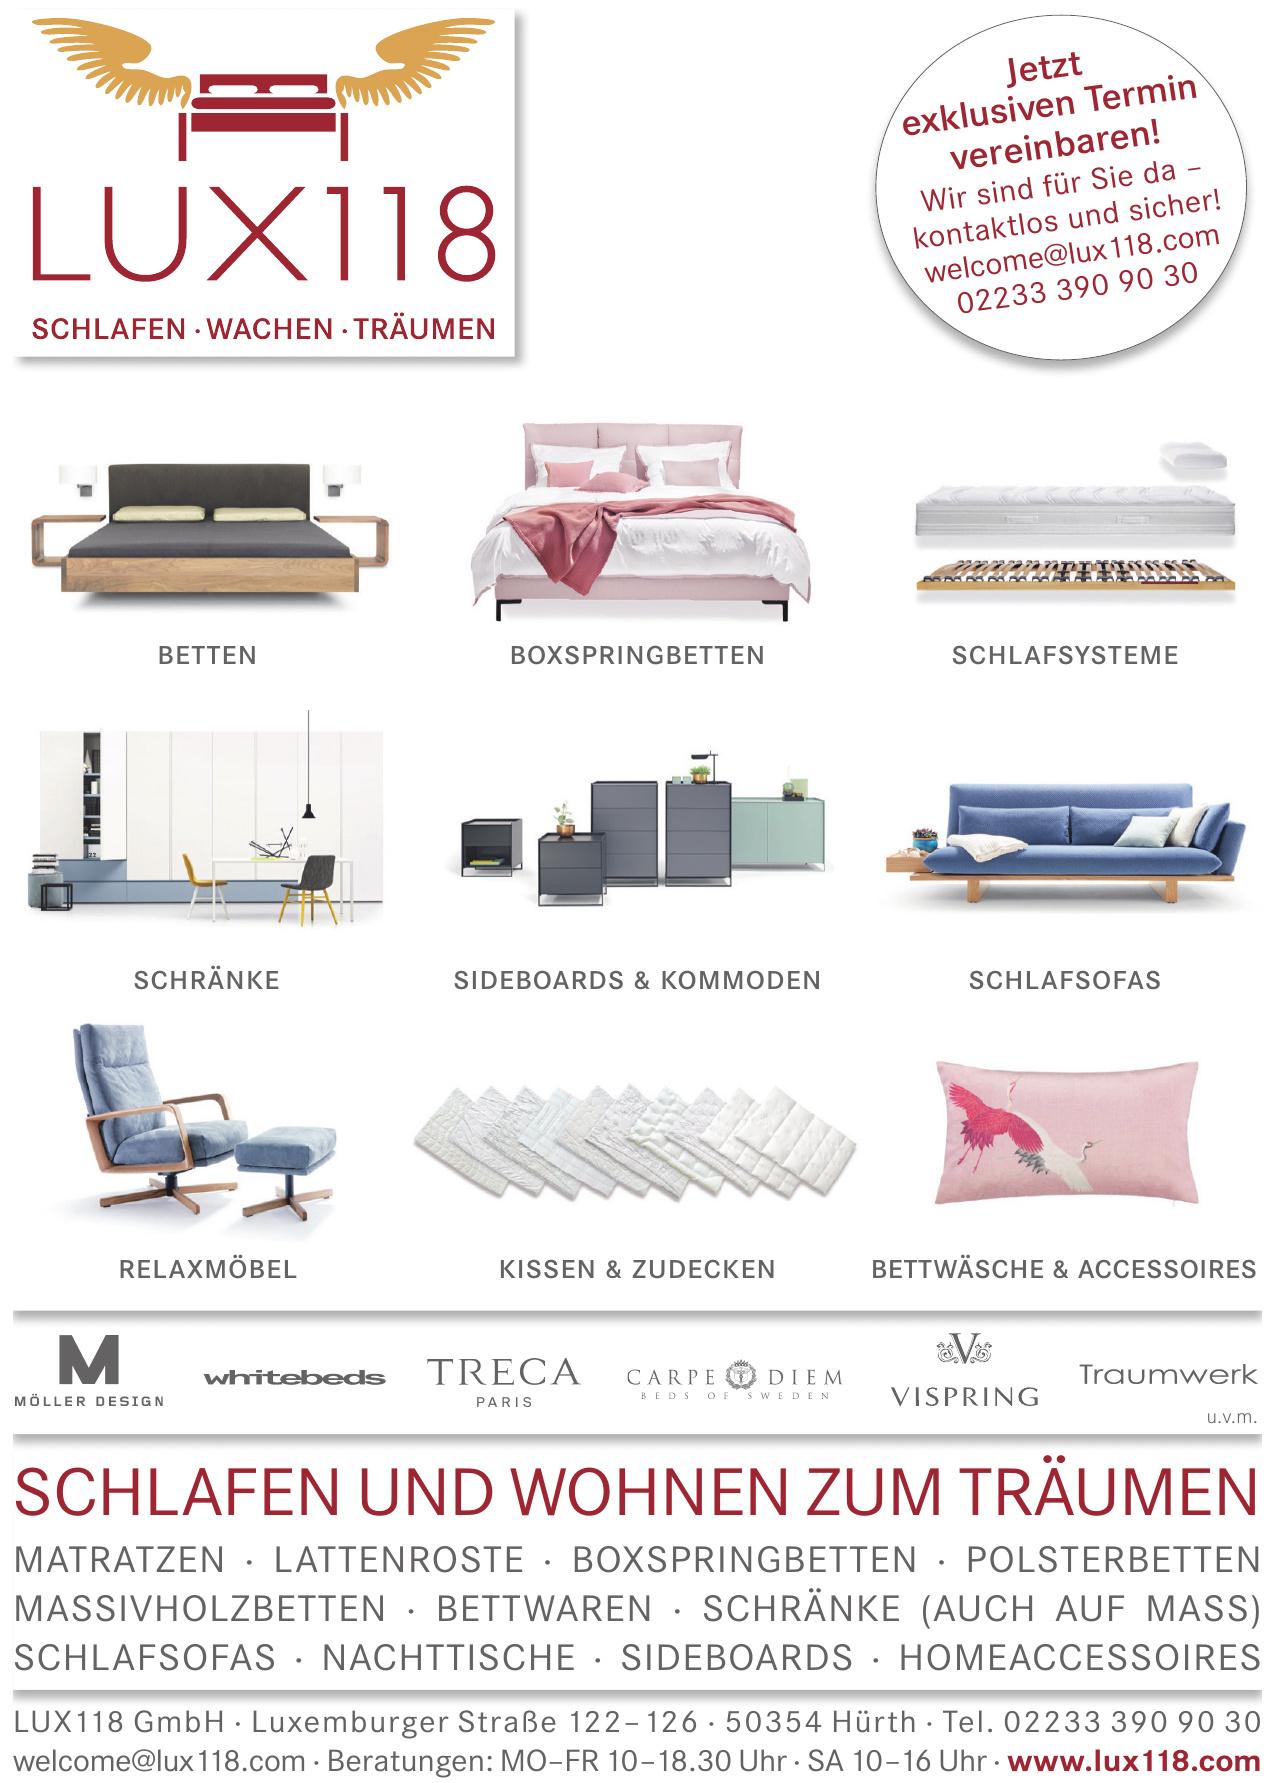 LUX118 GmbH